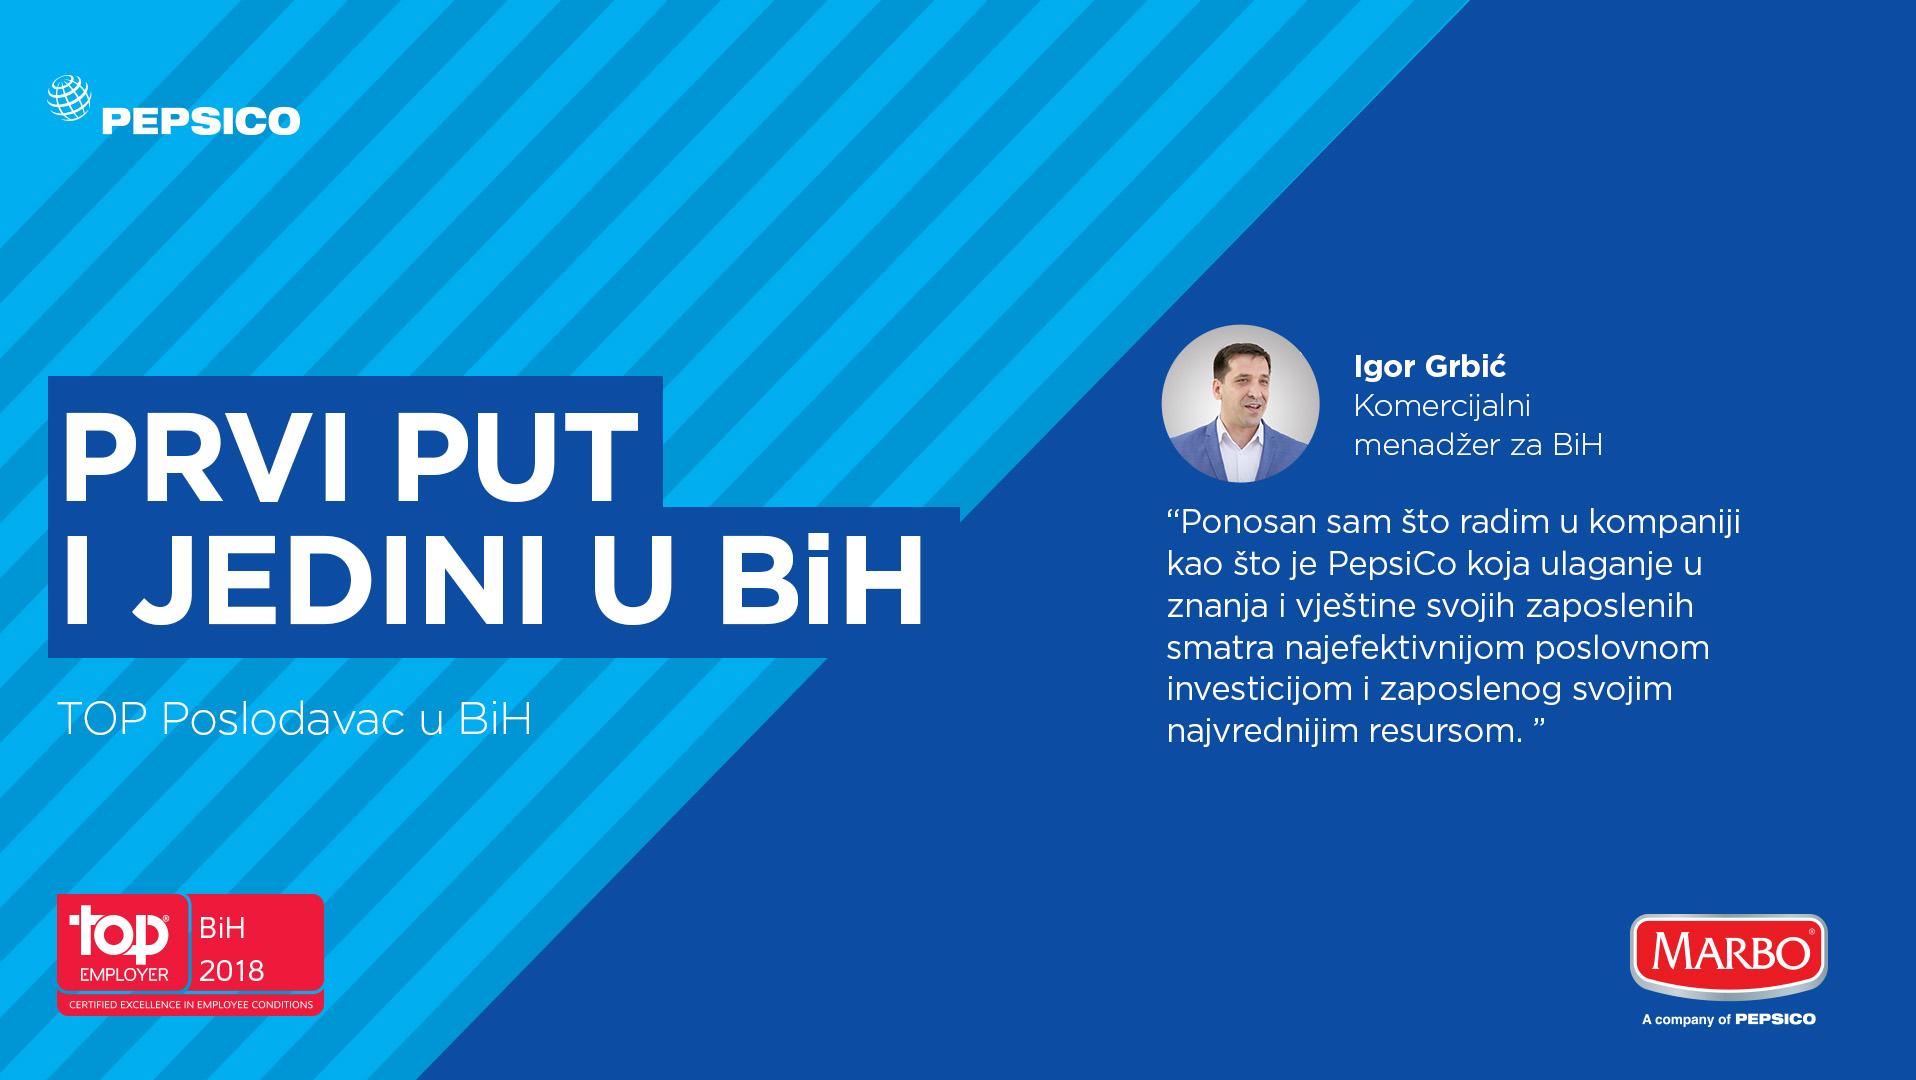 Kompanija Pepsico za Zapadni Balkan jedini dobitnik Top Employer priznanja u Bosni i Hercegovini